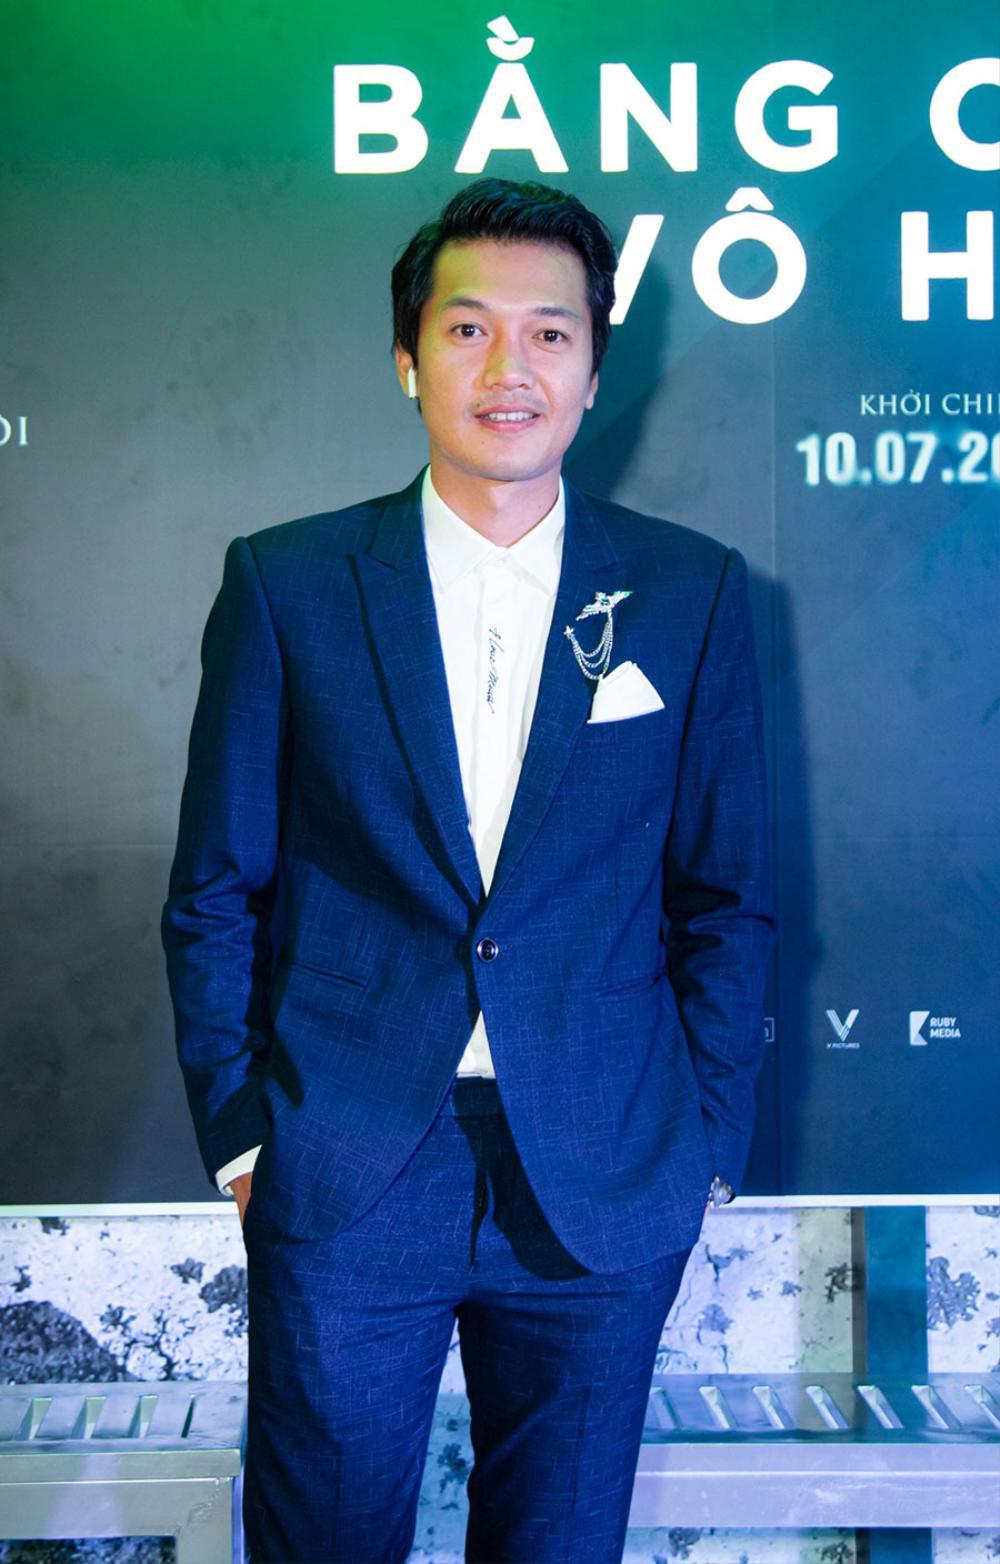 Sau 'Thiên linh cái', Quang Tuấn lại sống trong ngôi nhà ma ám trong phim kinh dị 'Bóng đè' Ảnh 13